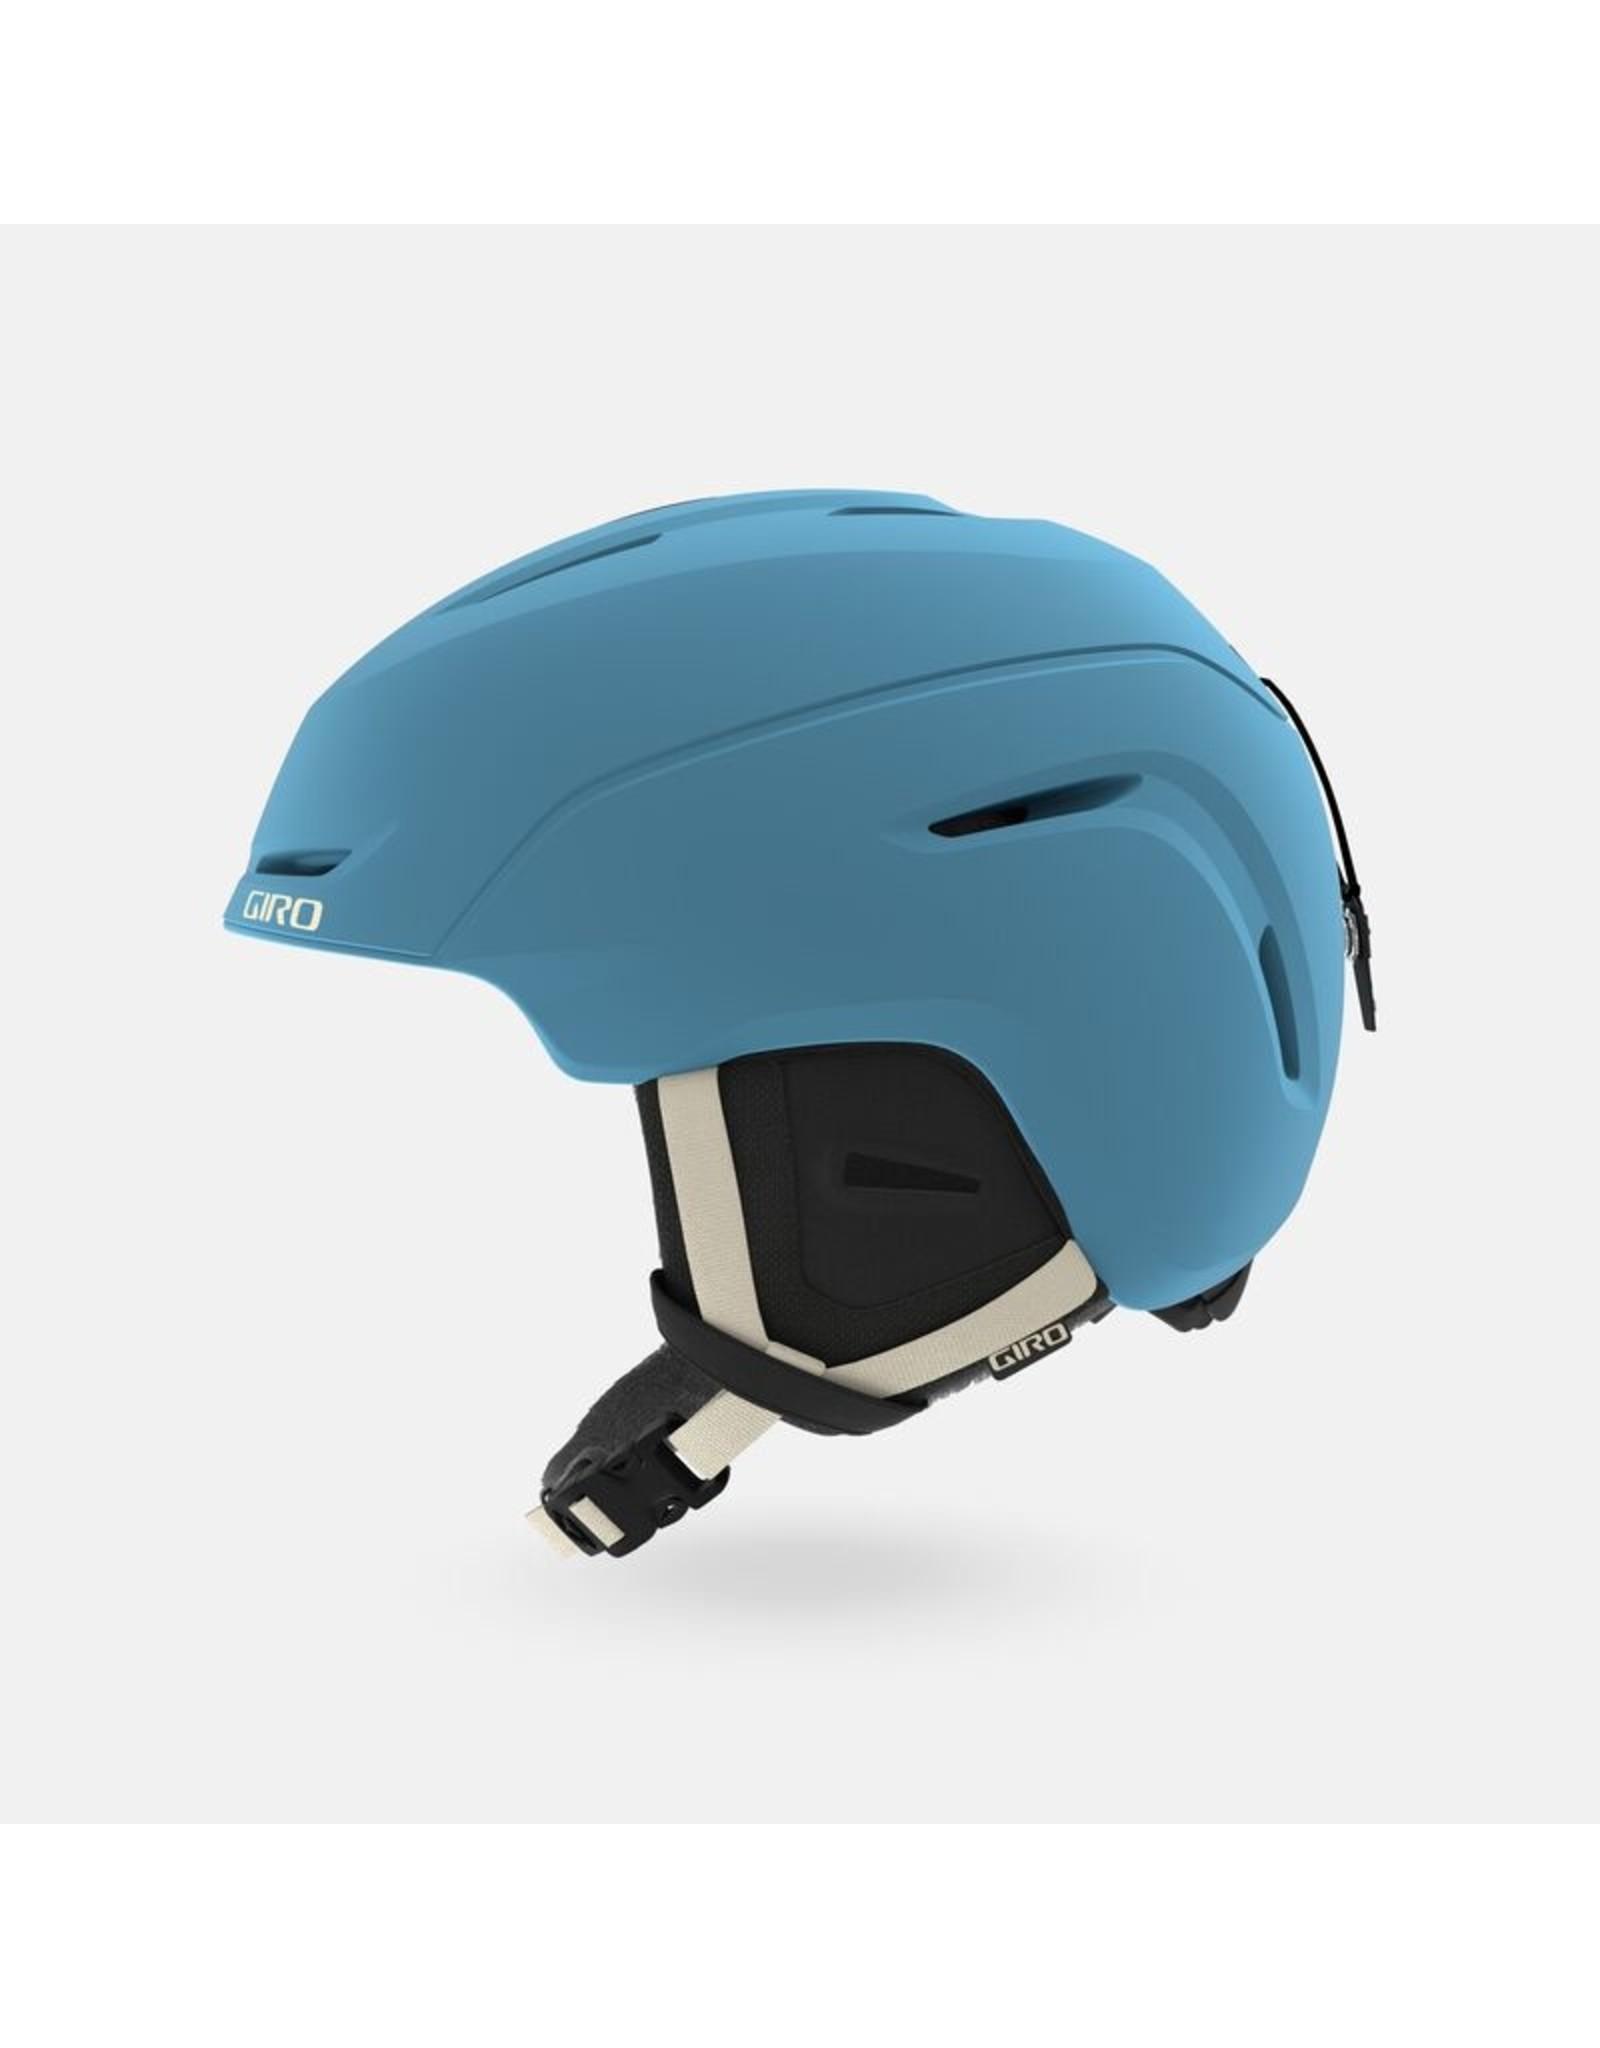 Giro Giro Avera Women's Helmet